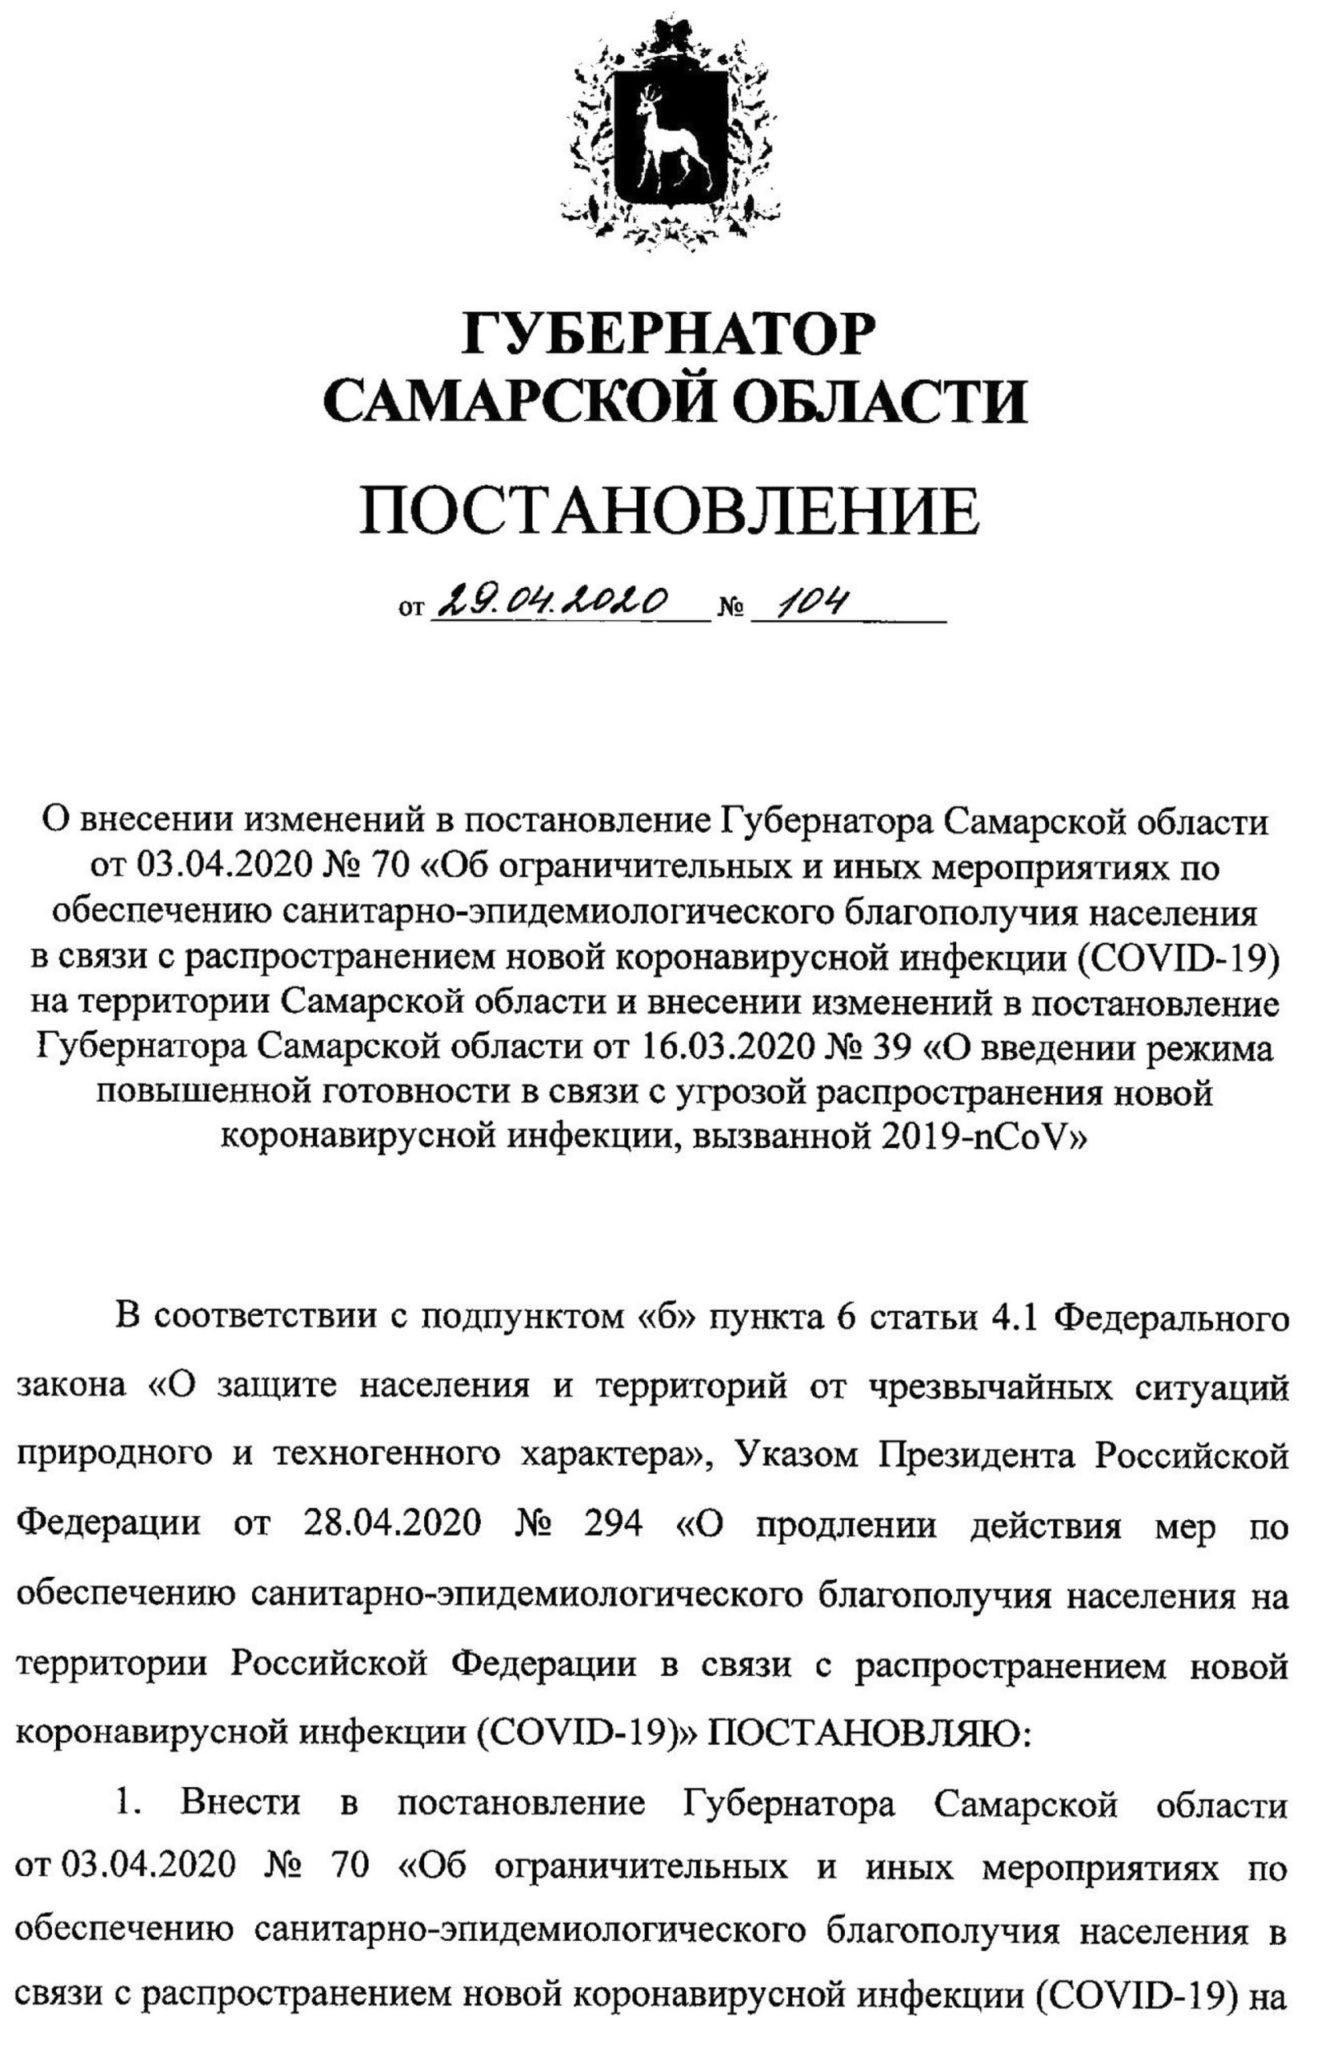 Постановление о масочном режиме в Самаре с 1 мая 2020